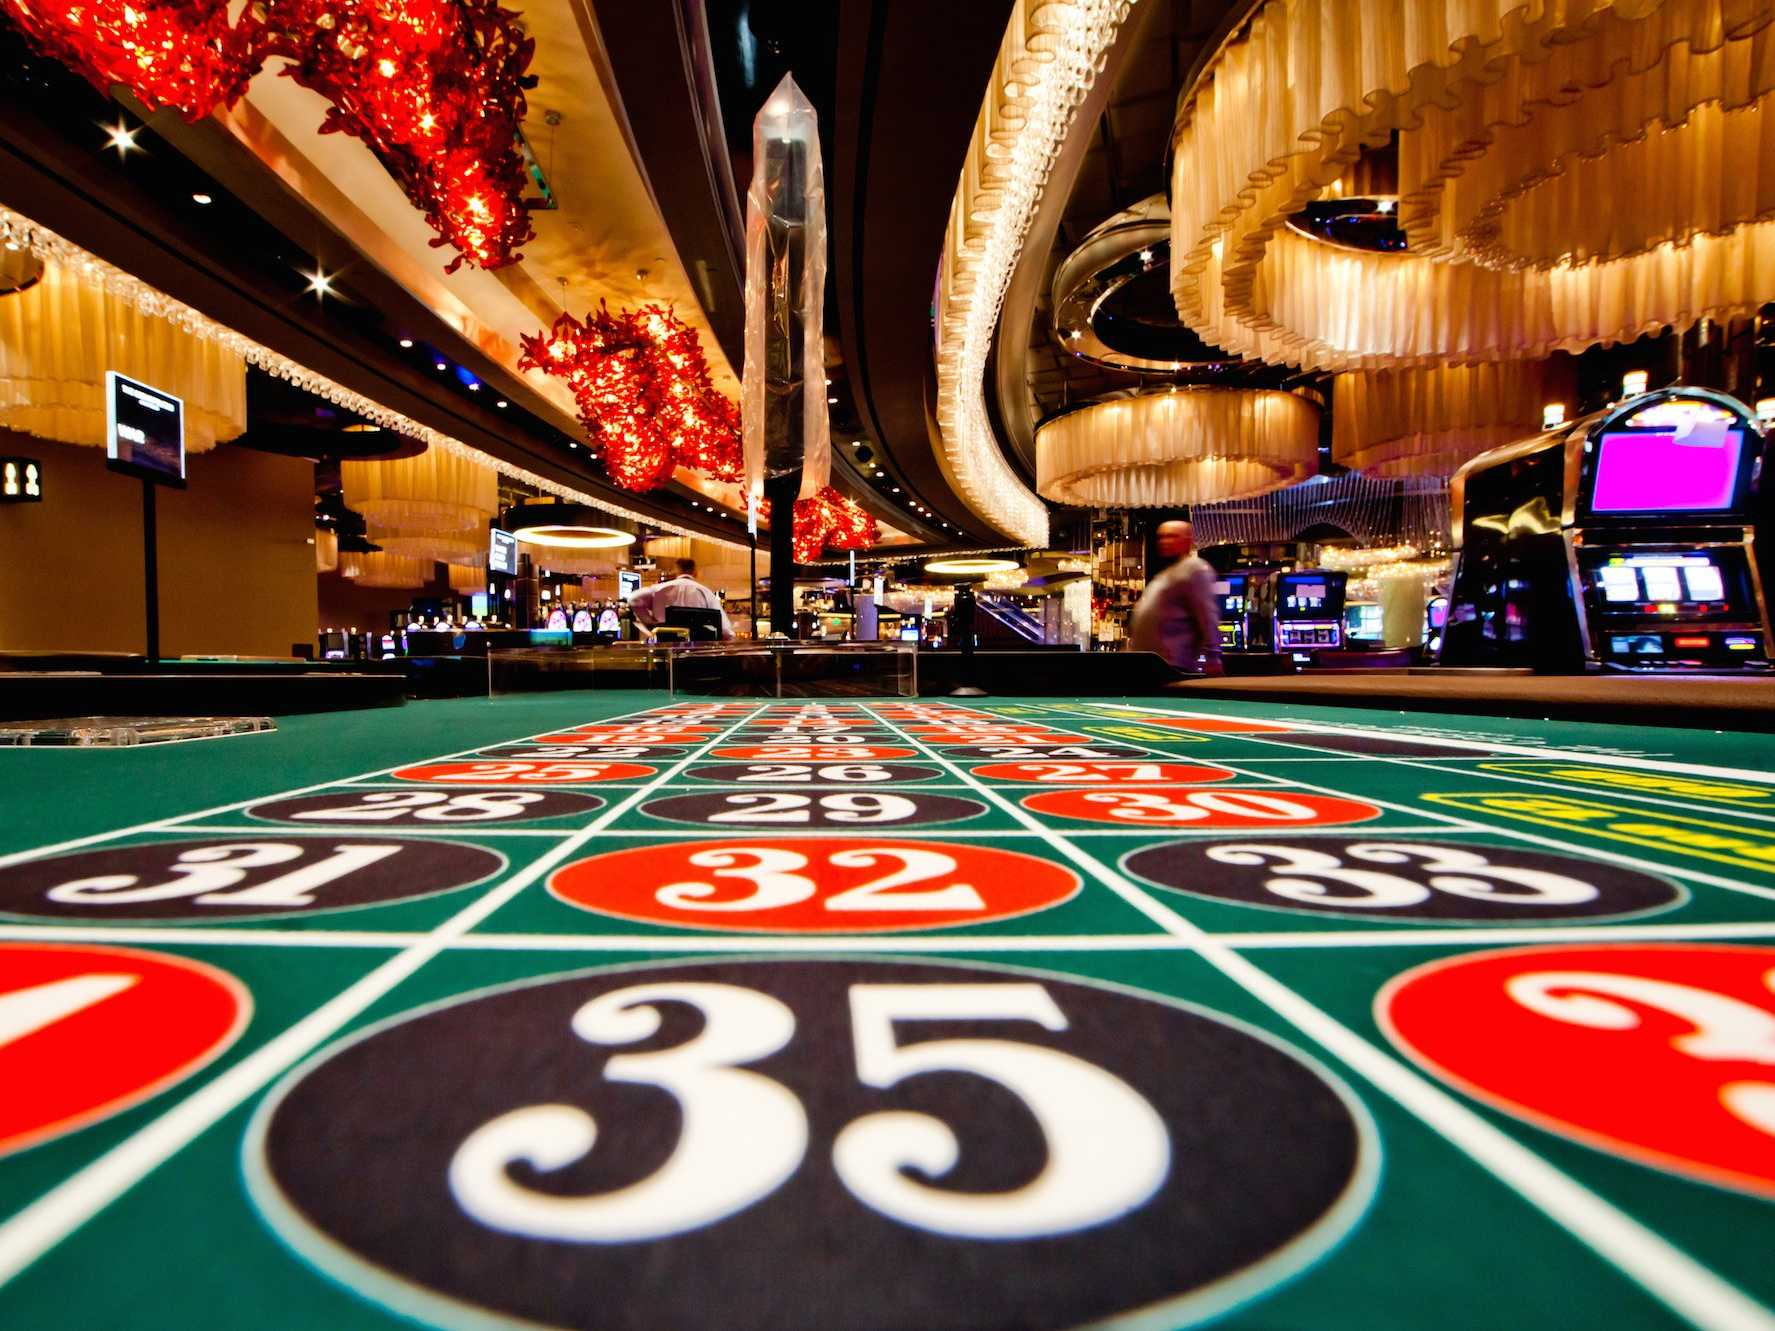 Jeux casino: un univers de possibilité